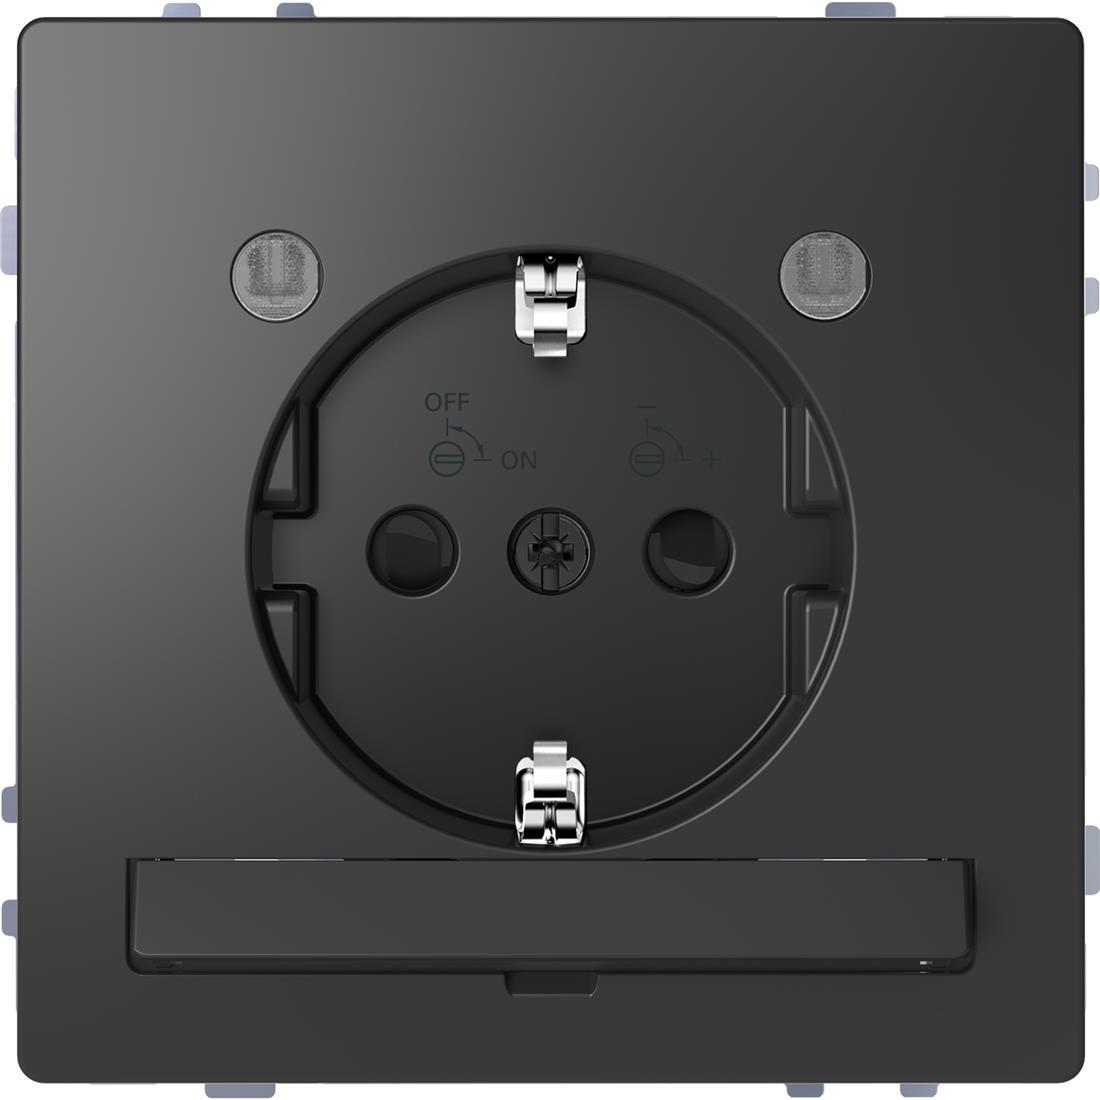 Schneider-Merten D Life wandcontactdoos met LED en kinderbeveiliging - antraciet (MTN2304-6034)